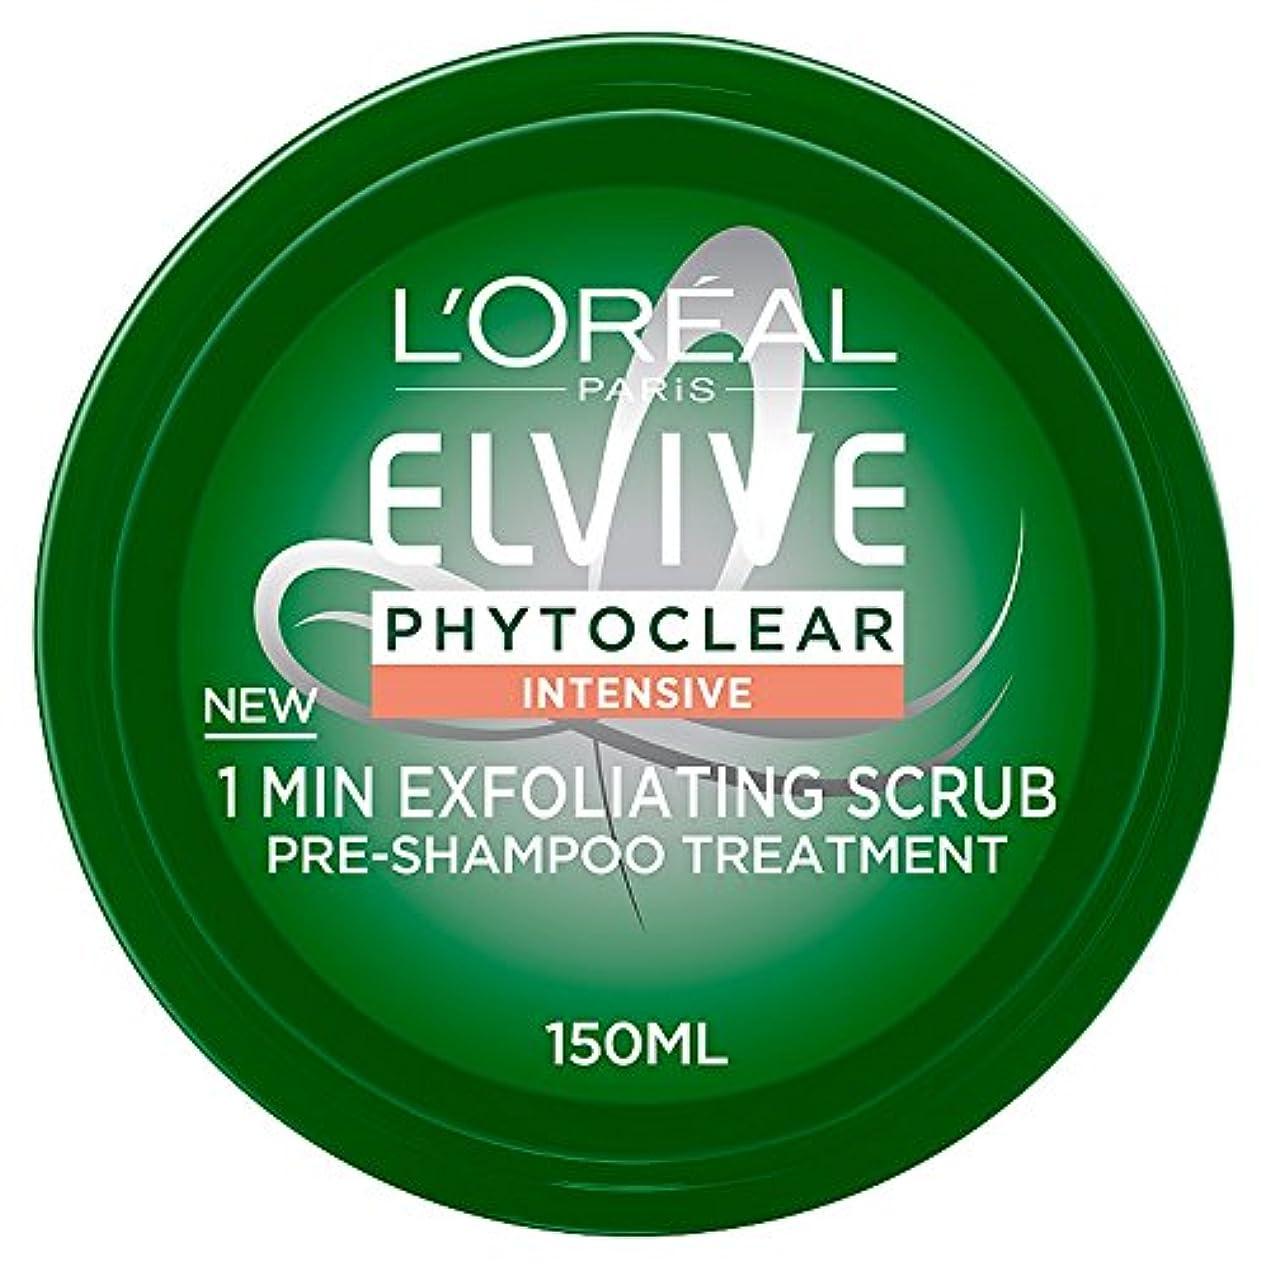 複合アウター差別Purifying Mask Phytoclear Pre-shampoo L'Oreal Expert Professionnel (150 ml)